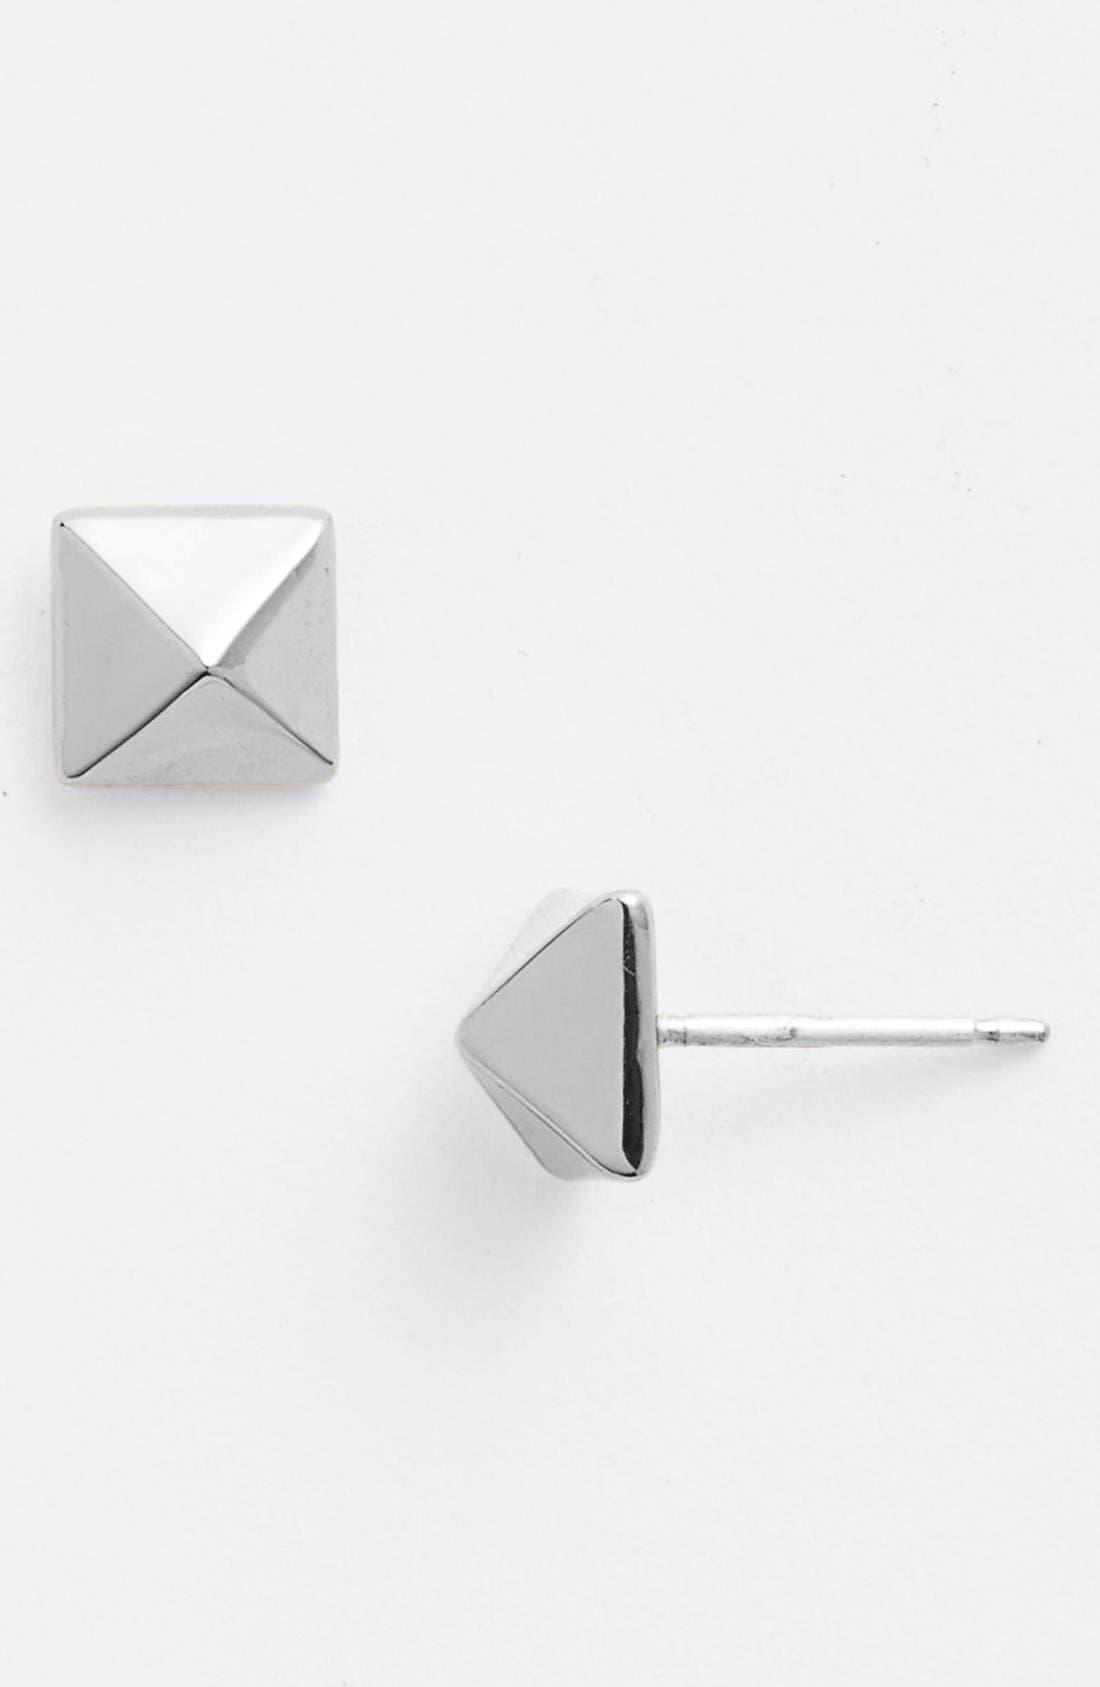 Alternate Image 1 Selected - kate spade new york 'locked in' mini stud earrings